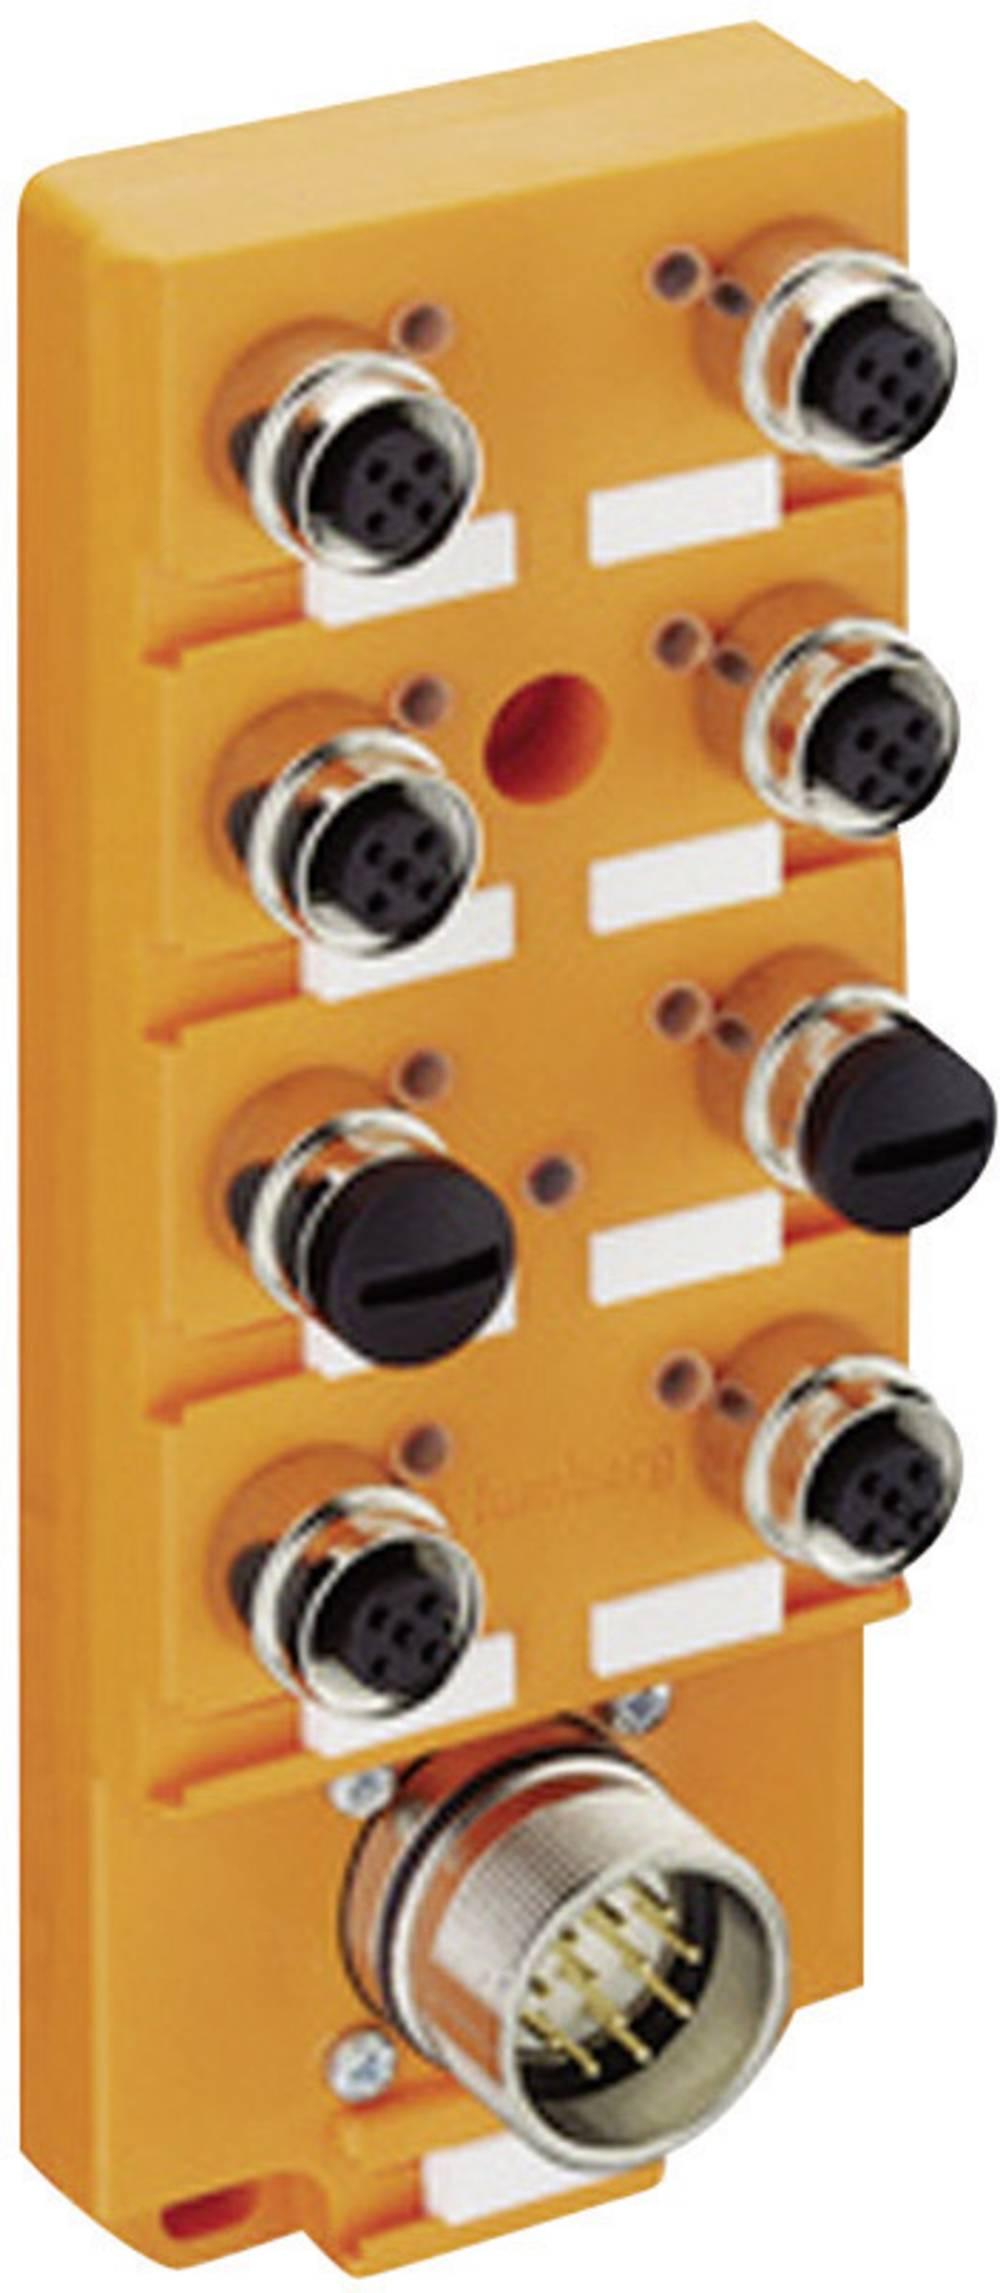 Razdelilnik za senzorje/aktuatorje Lumberg Automation ASBS 6/LED 5-4, M12, brez kabla